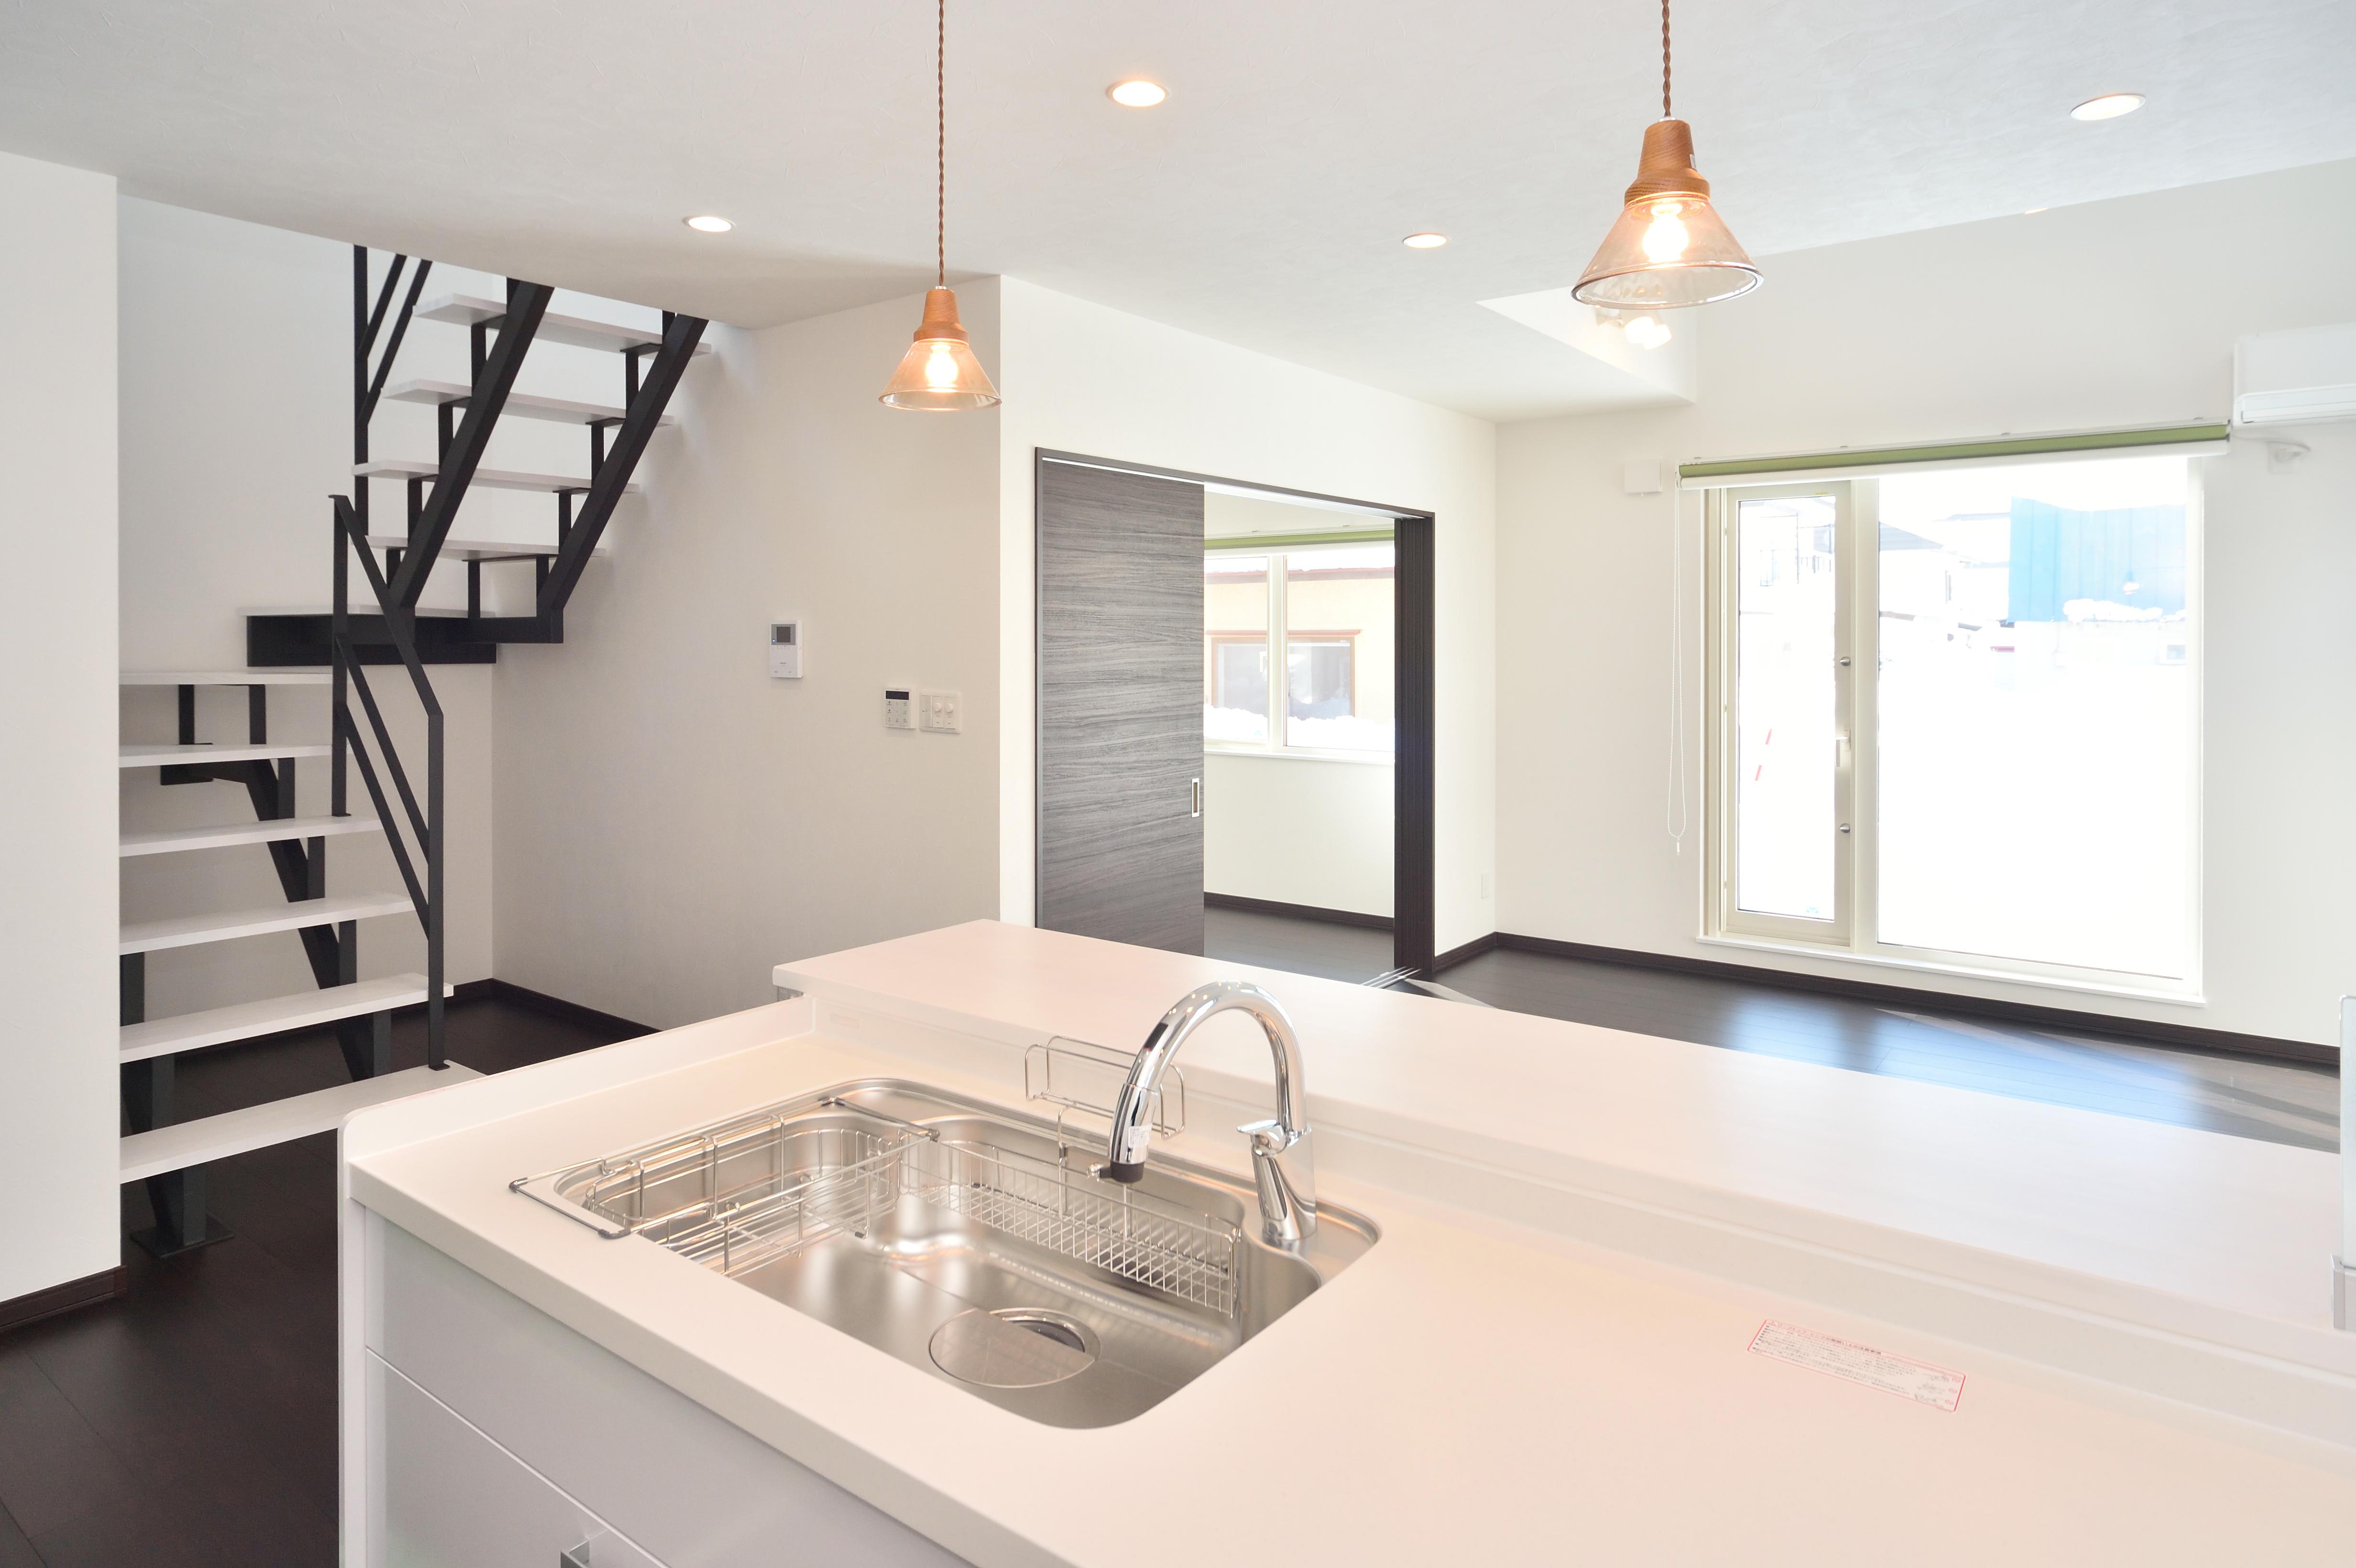 モダンでコンパクト。デザインと住環境、そして価格の条件を満たす新築住宅